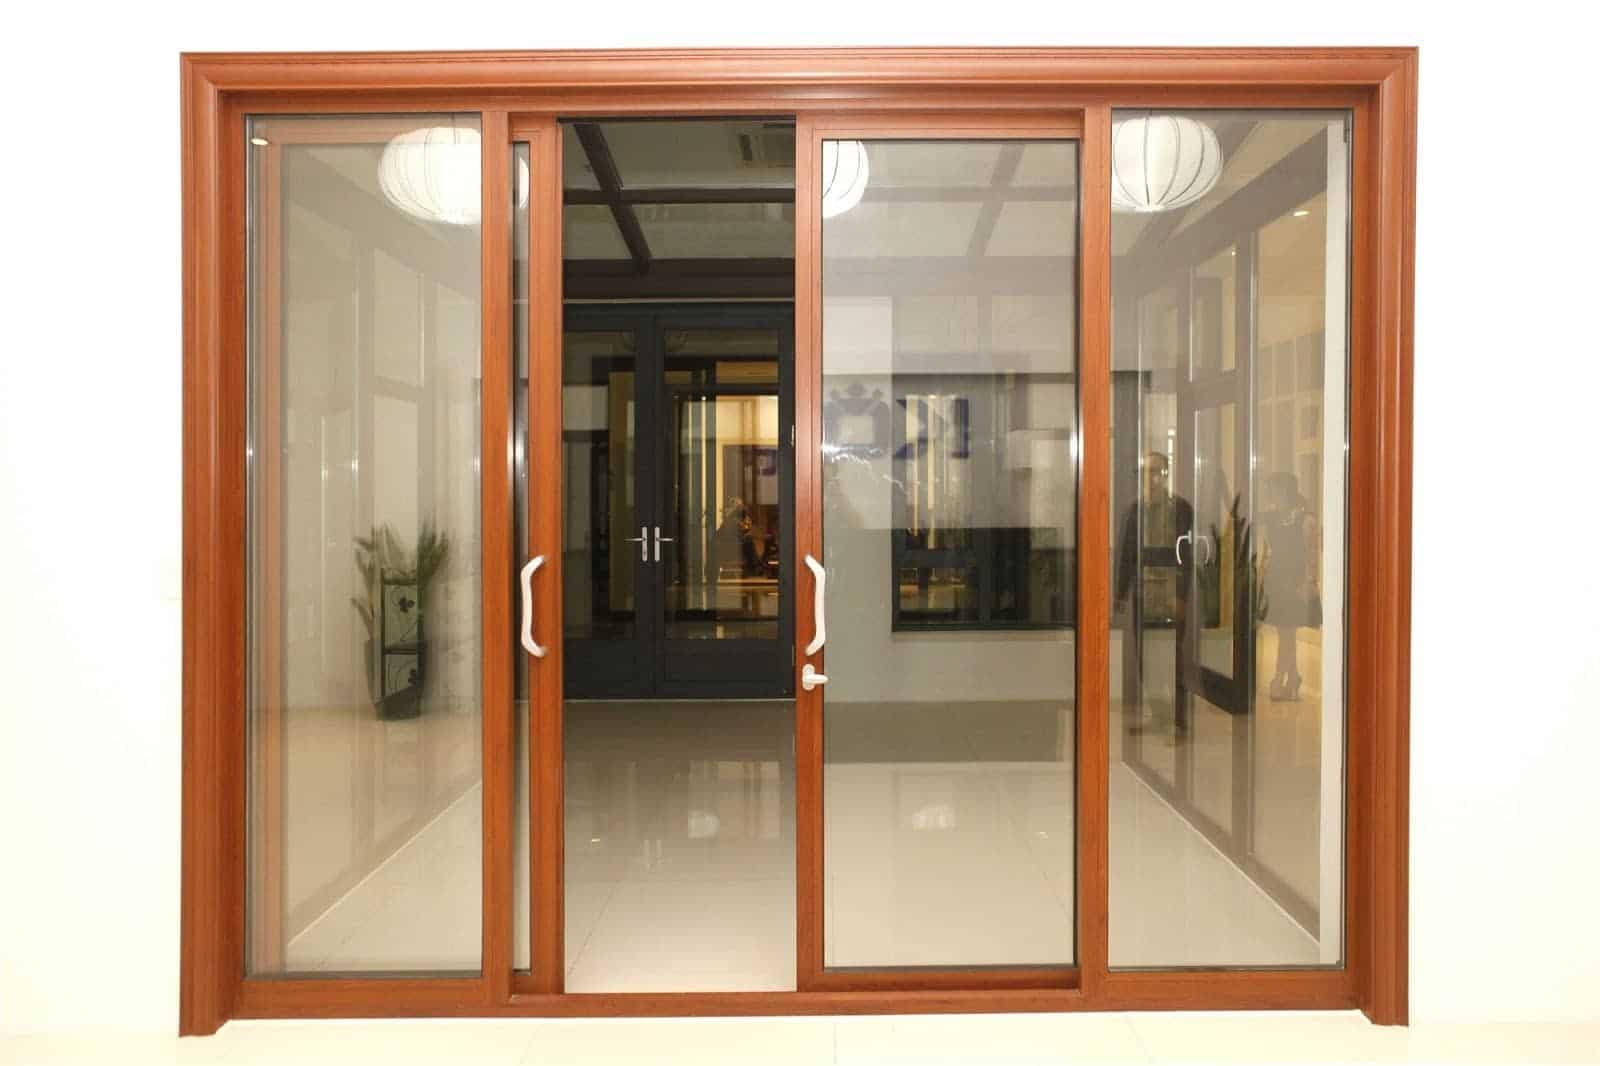 Cửa kính cường lực kết hợp với khung gỗ tạo ấn tượng, tinh tế cho căn nhà